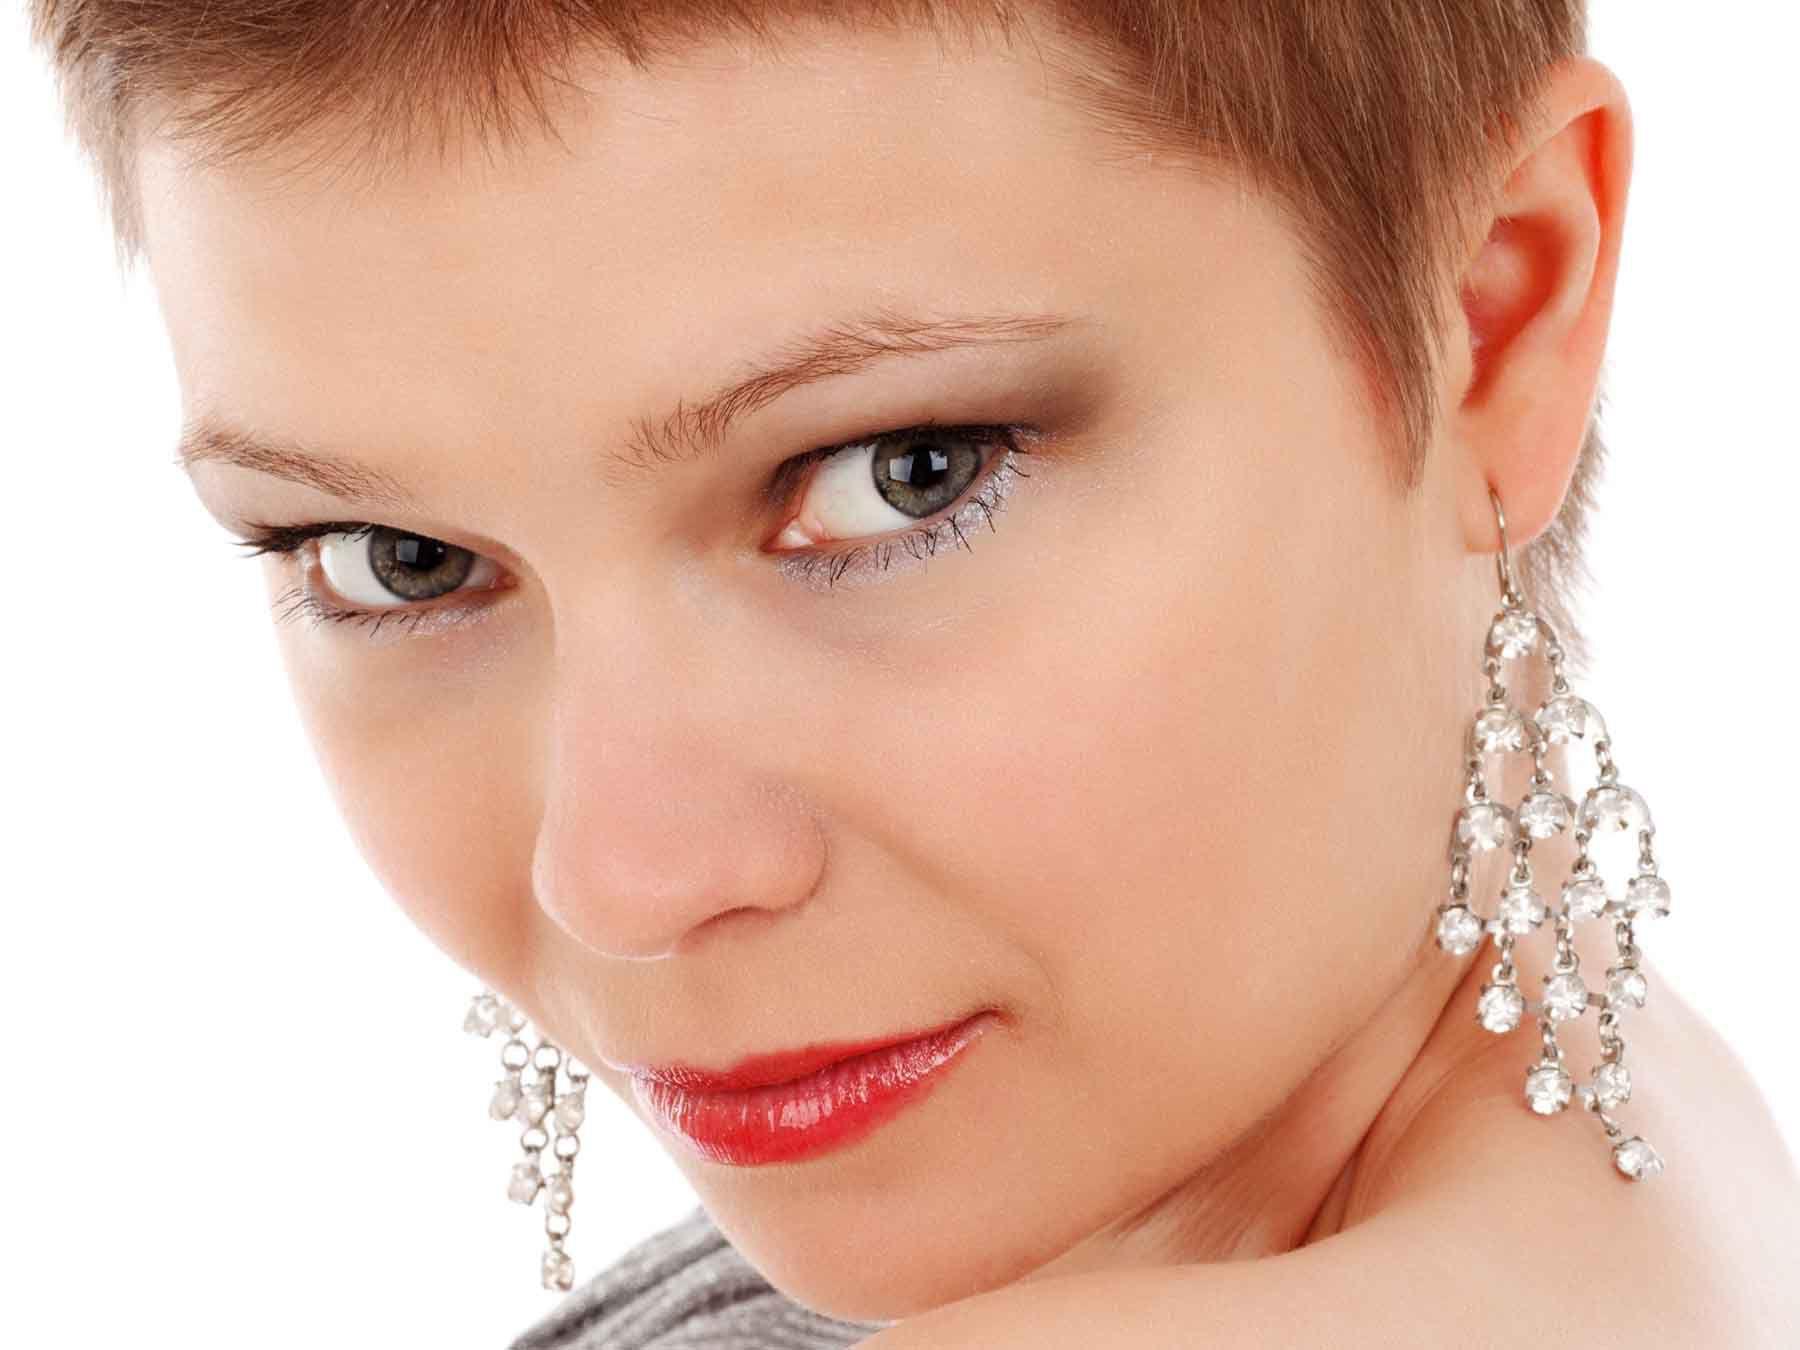 earrings for pixie cut